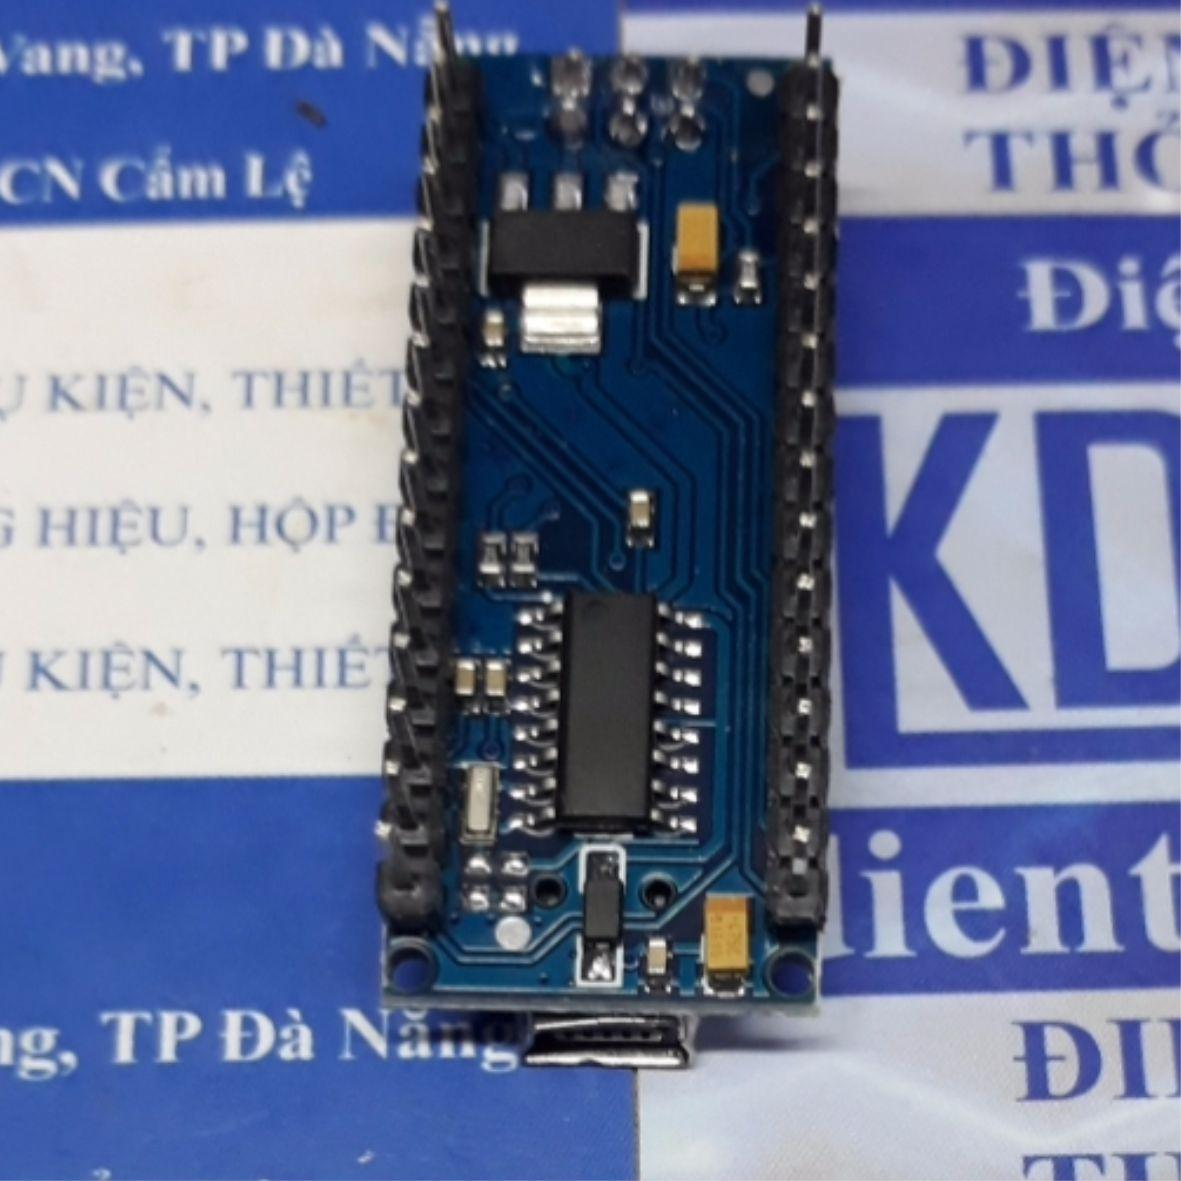 Kit thực hành, Kit phát triển, Kit thí nghiệm Arduino NANO V3.0 AVR ATMEGA328P, SMD CH340 + cáp kde4696